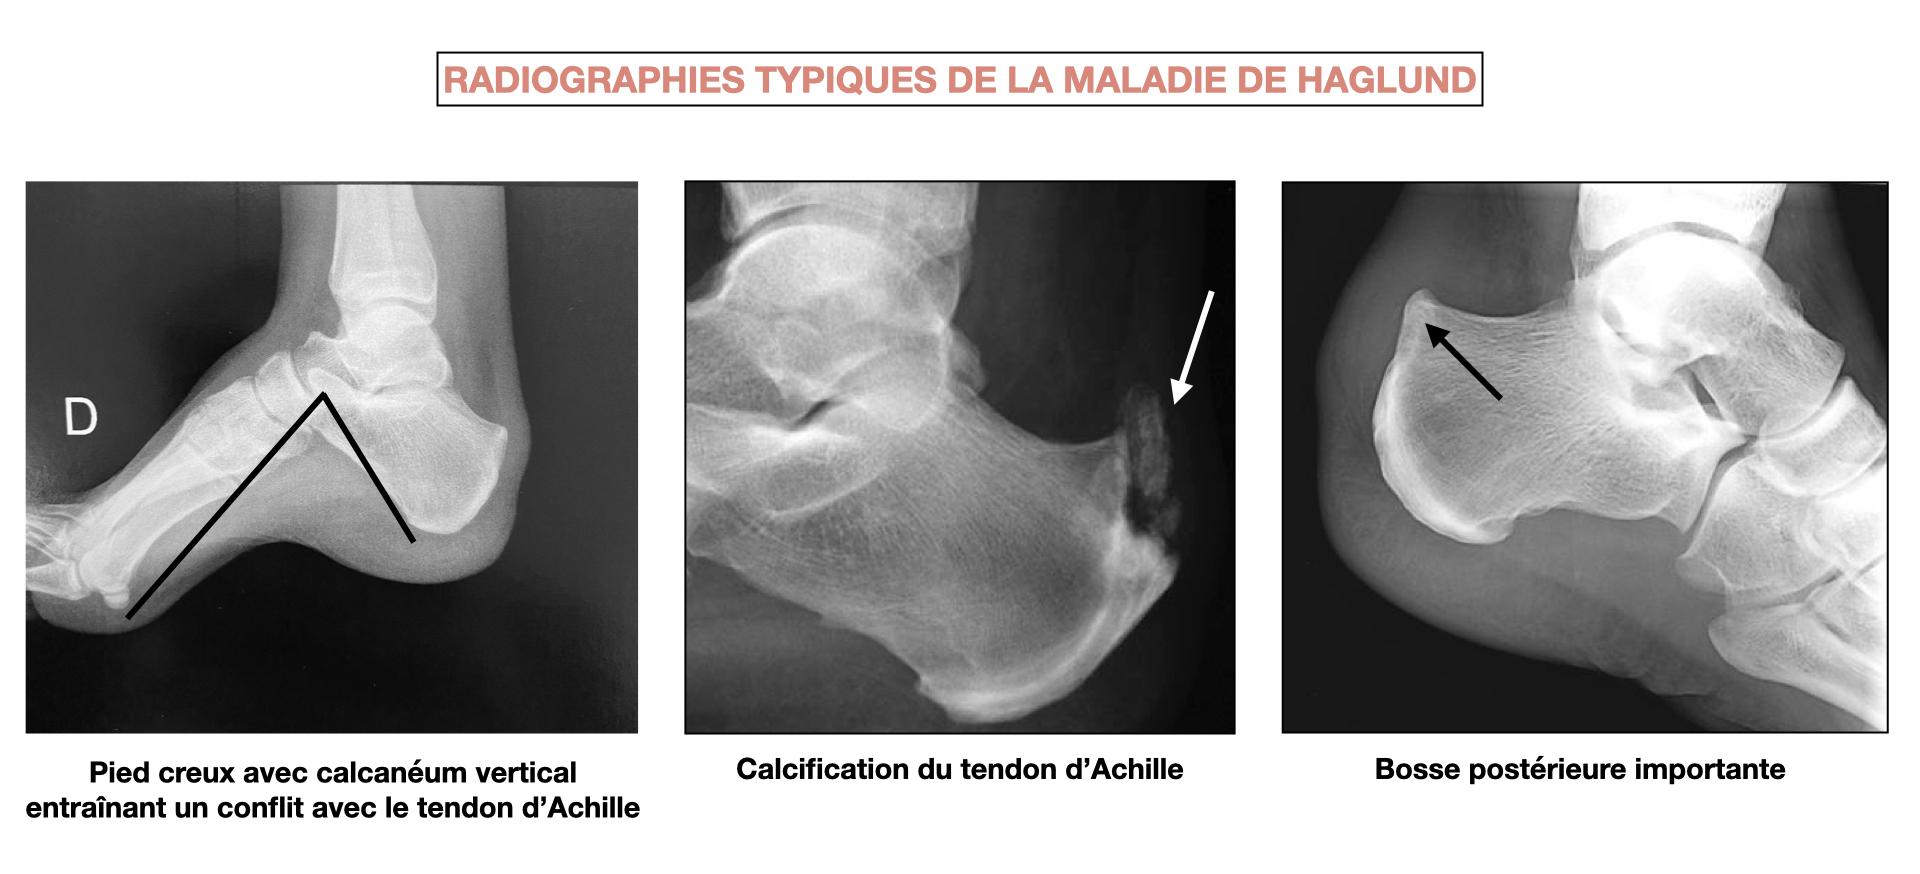 Radiographies montrant la bosse postérieure et un cas de pied creux avec calcanéum vertical